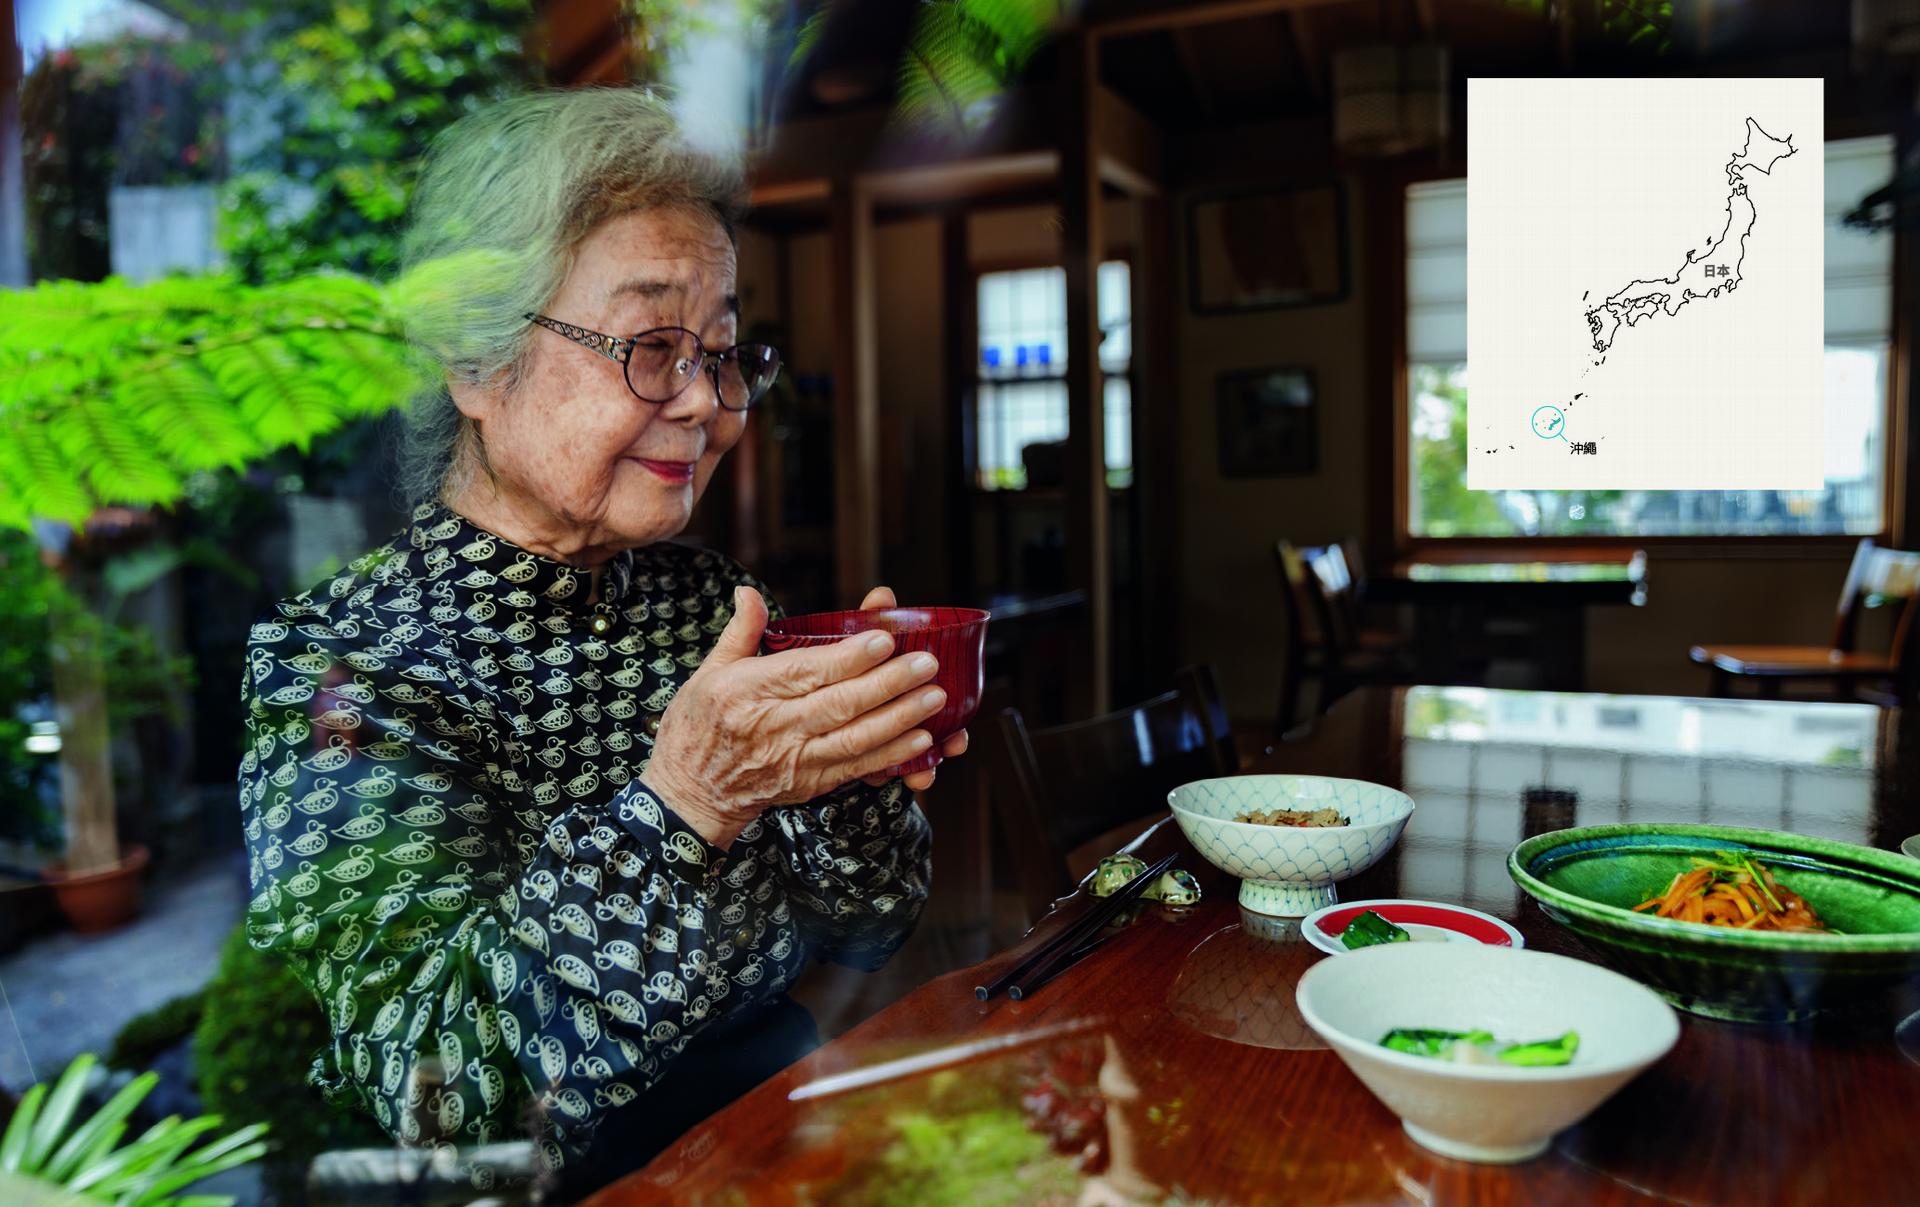 沖繩|91歲的島袋芳子是沖繩第一飯店的創辦人,早餐喝的是味增湯。她和女兒渡邊克江擅於創作精緻的植物性餐食,使用約50種當地食材。 DAVID MCLAIN